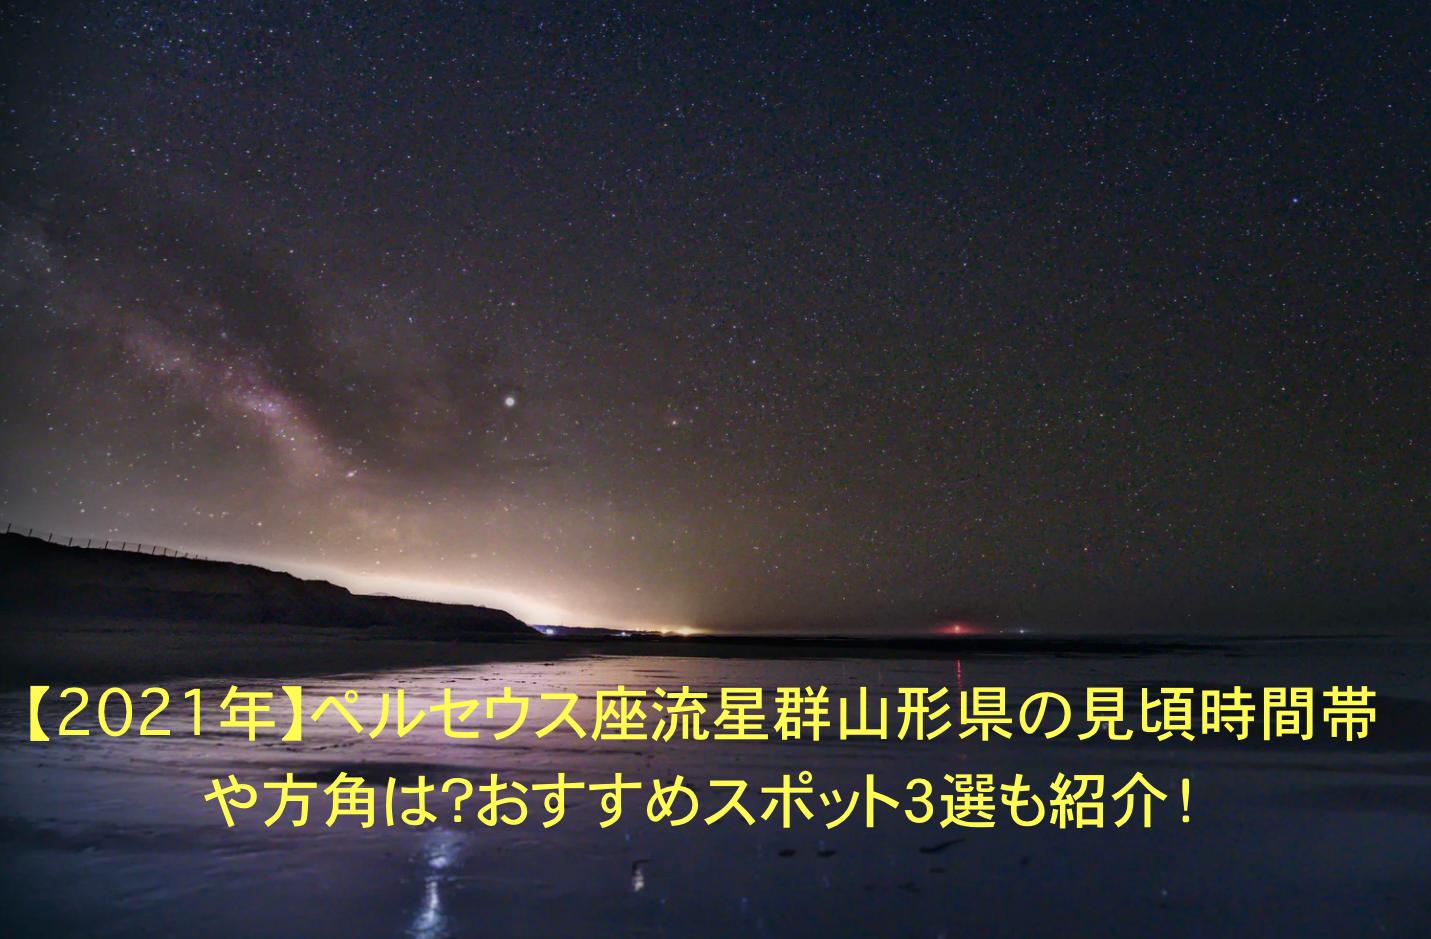 ペルセウス座流星群 山形 見頃 時間帯 方角 オススメスポット